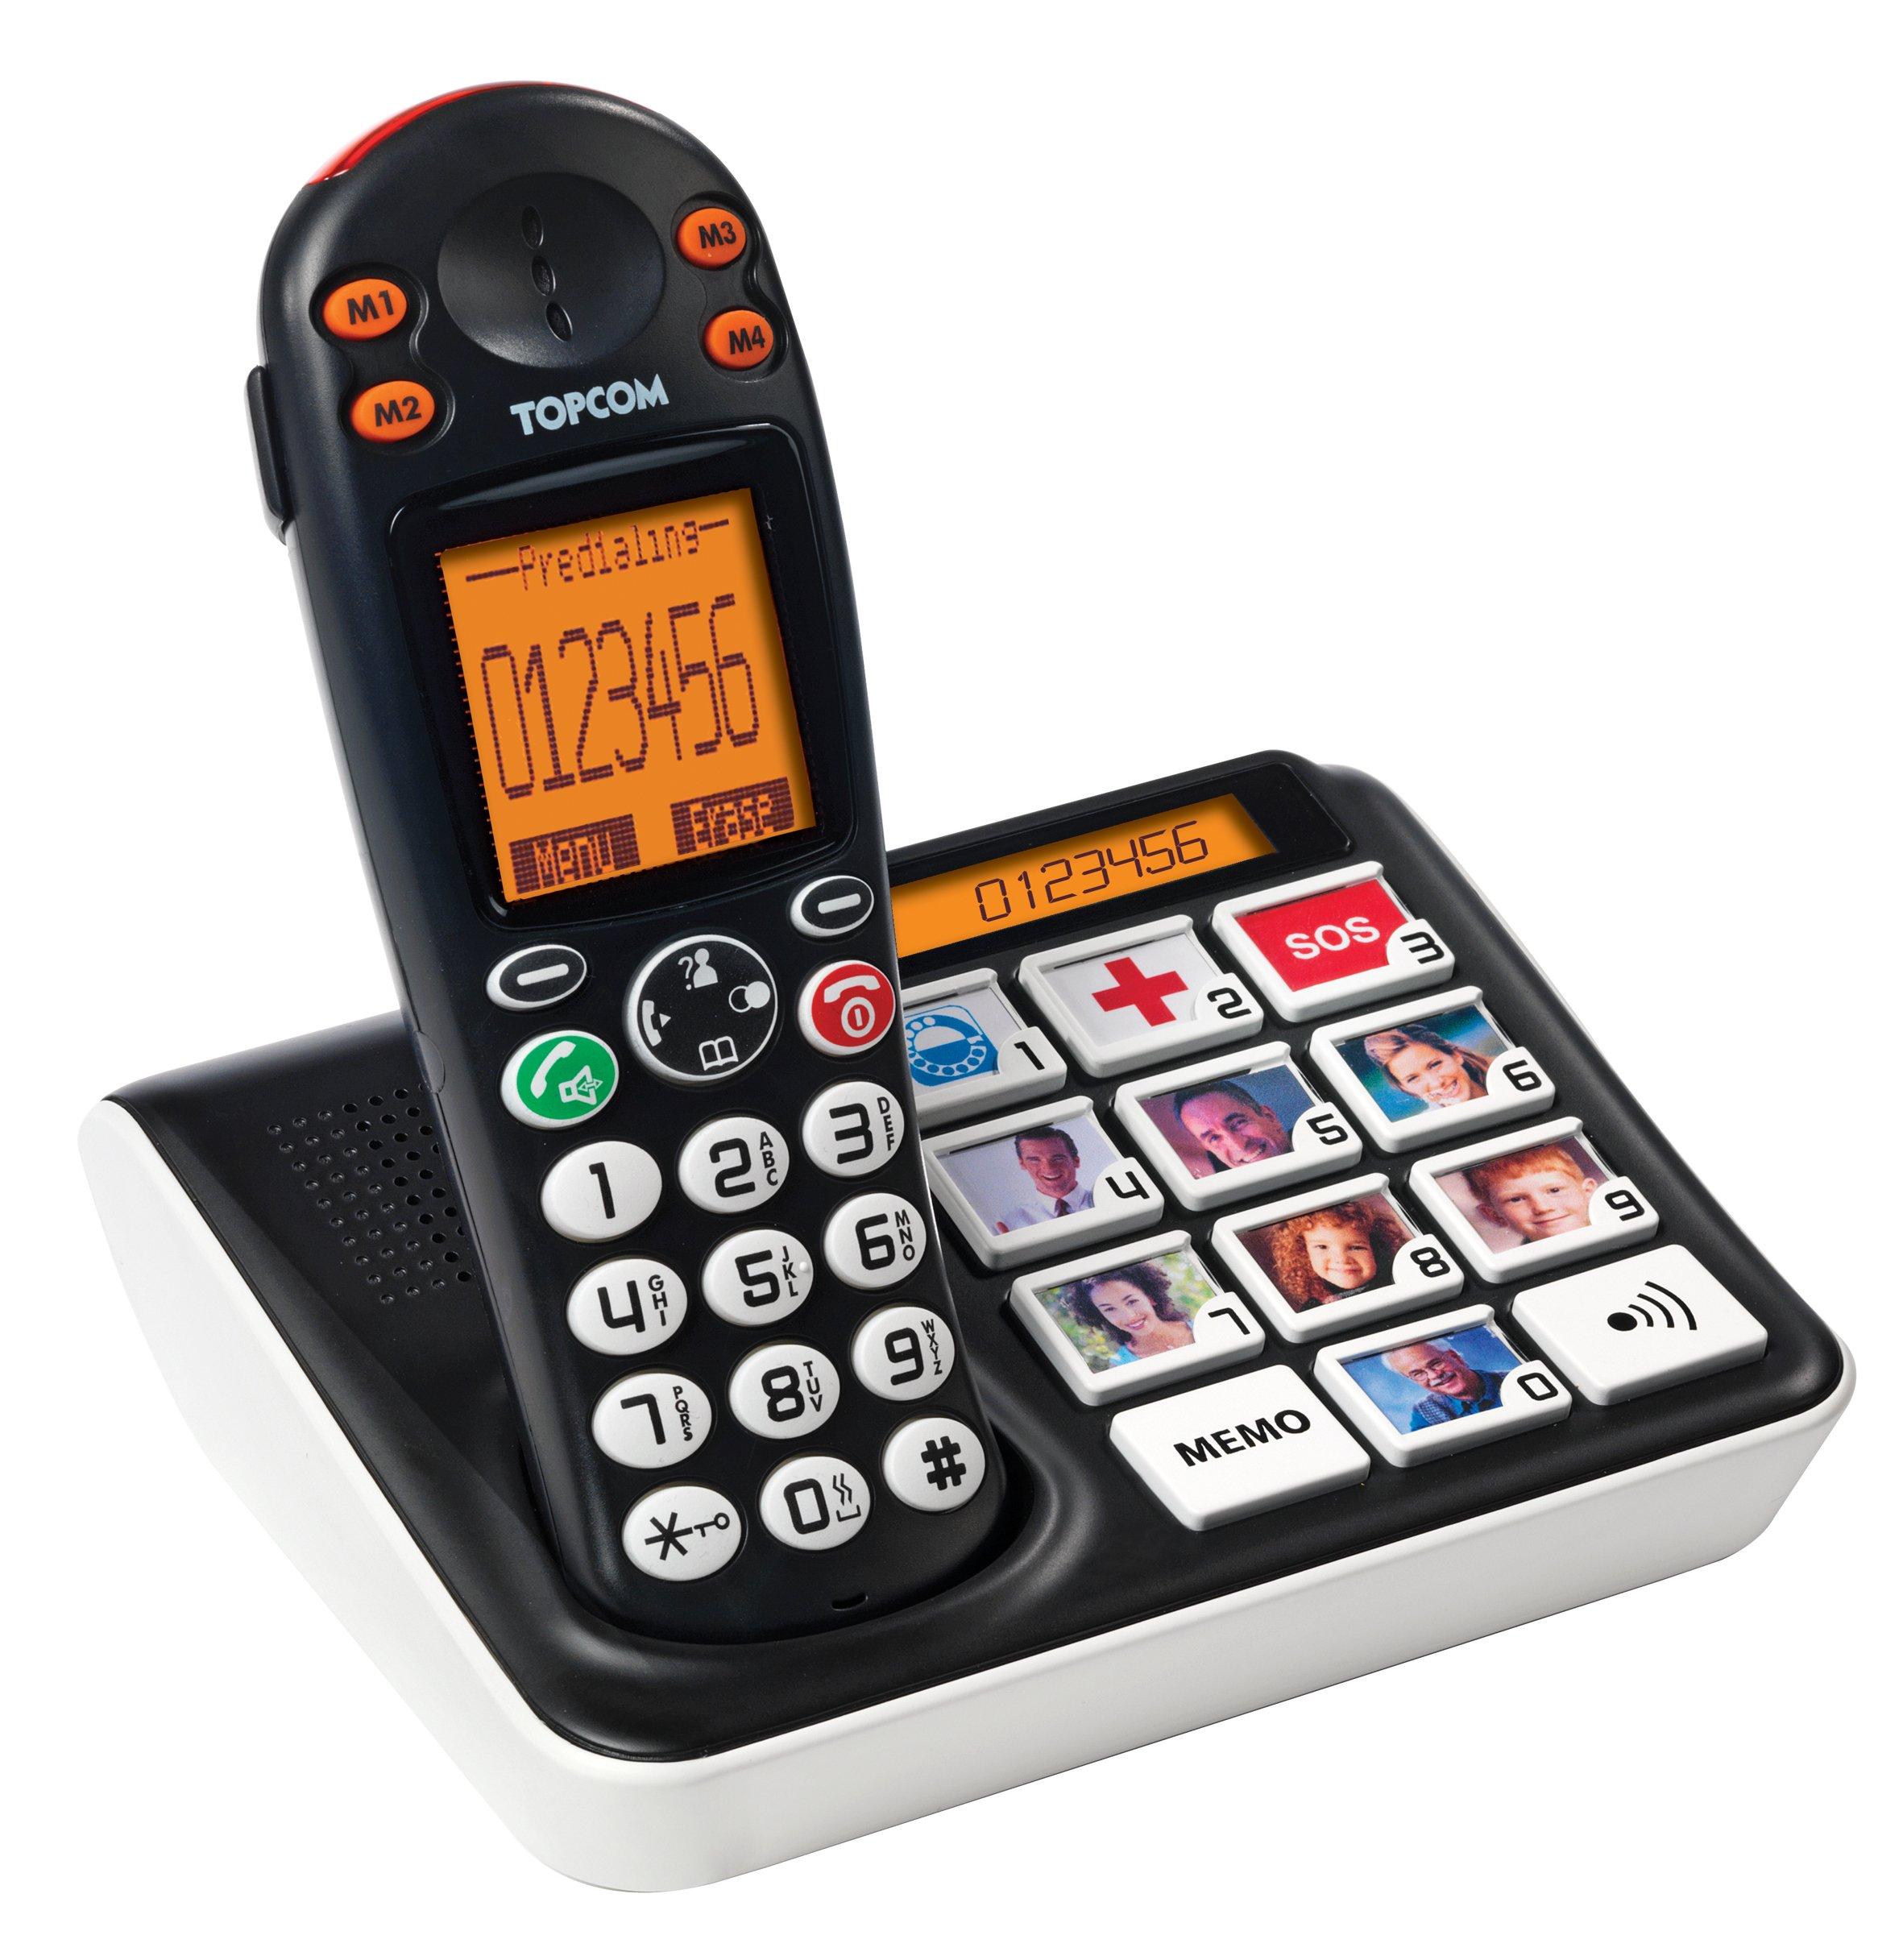 Topcom TS-5611 Teléfono de Teclas con fotos adecuado para personas con problemas de visión, compatible con audífonos, 4 números de memoria directa: Amazon.es: Electrónica